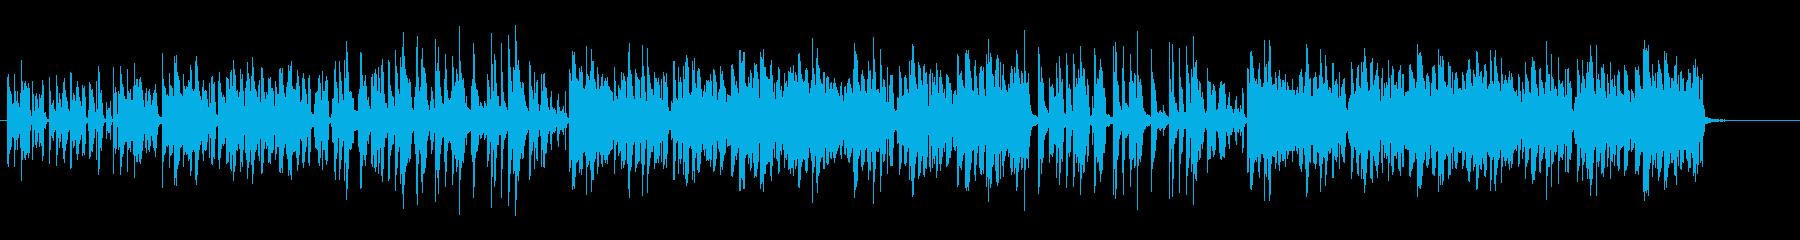 可愛く穏やかなジャズテイストなボサノバの再生済みの波形